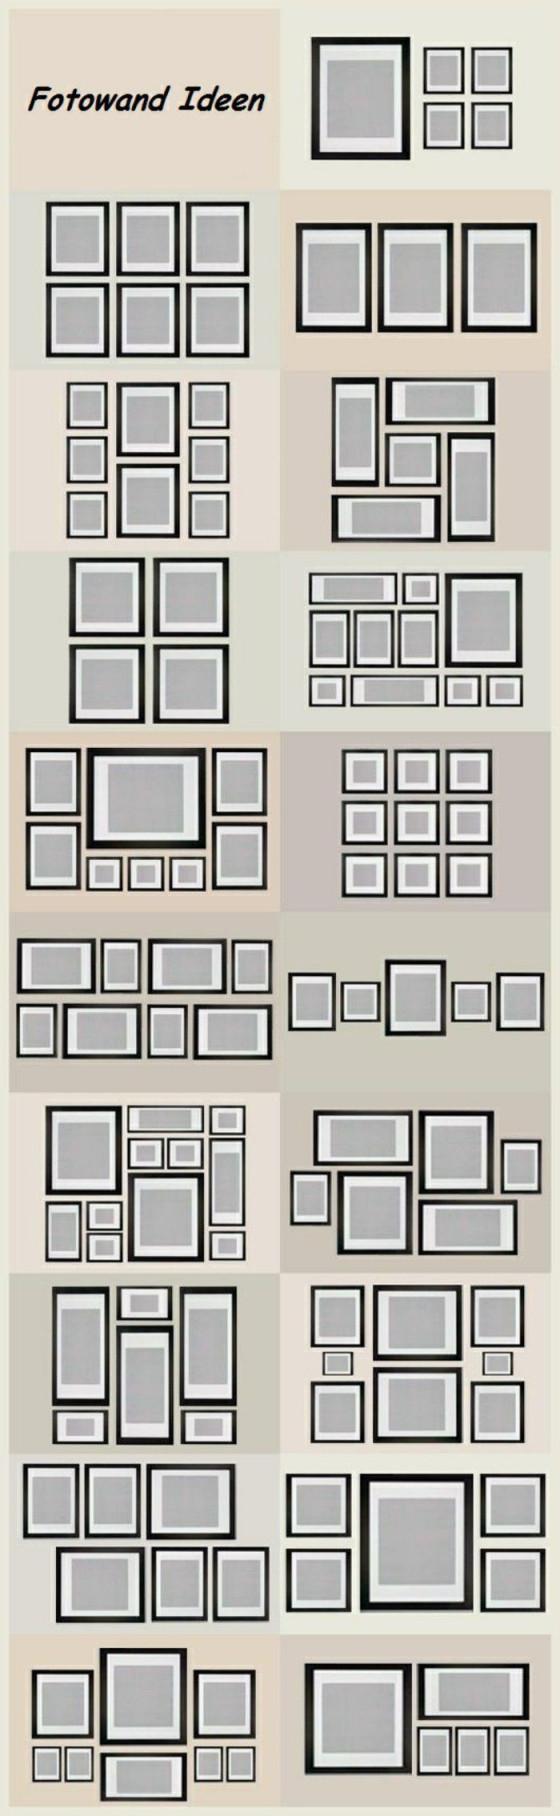 Bilder An Der Wand Anordnen  Wohnen  Fotowand Selber von Bilder Anordnen Wohnzimmer Photo